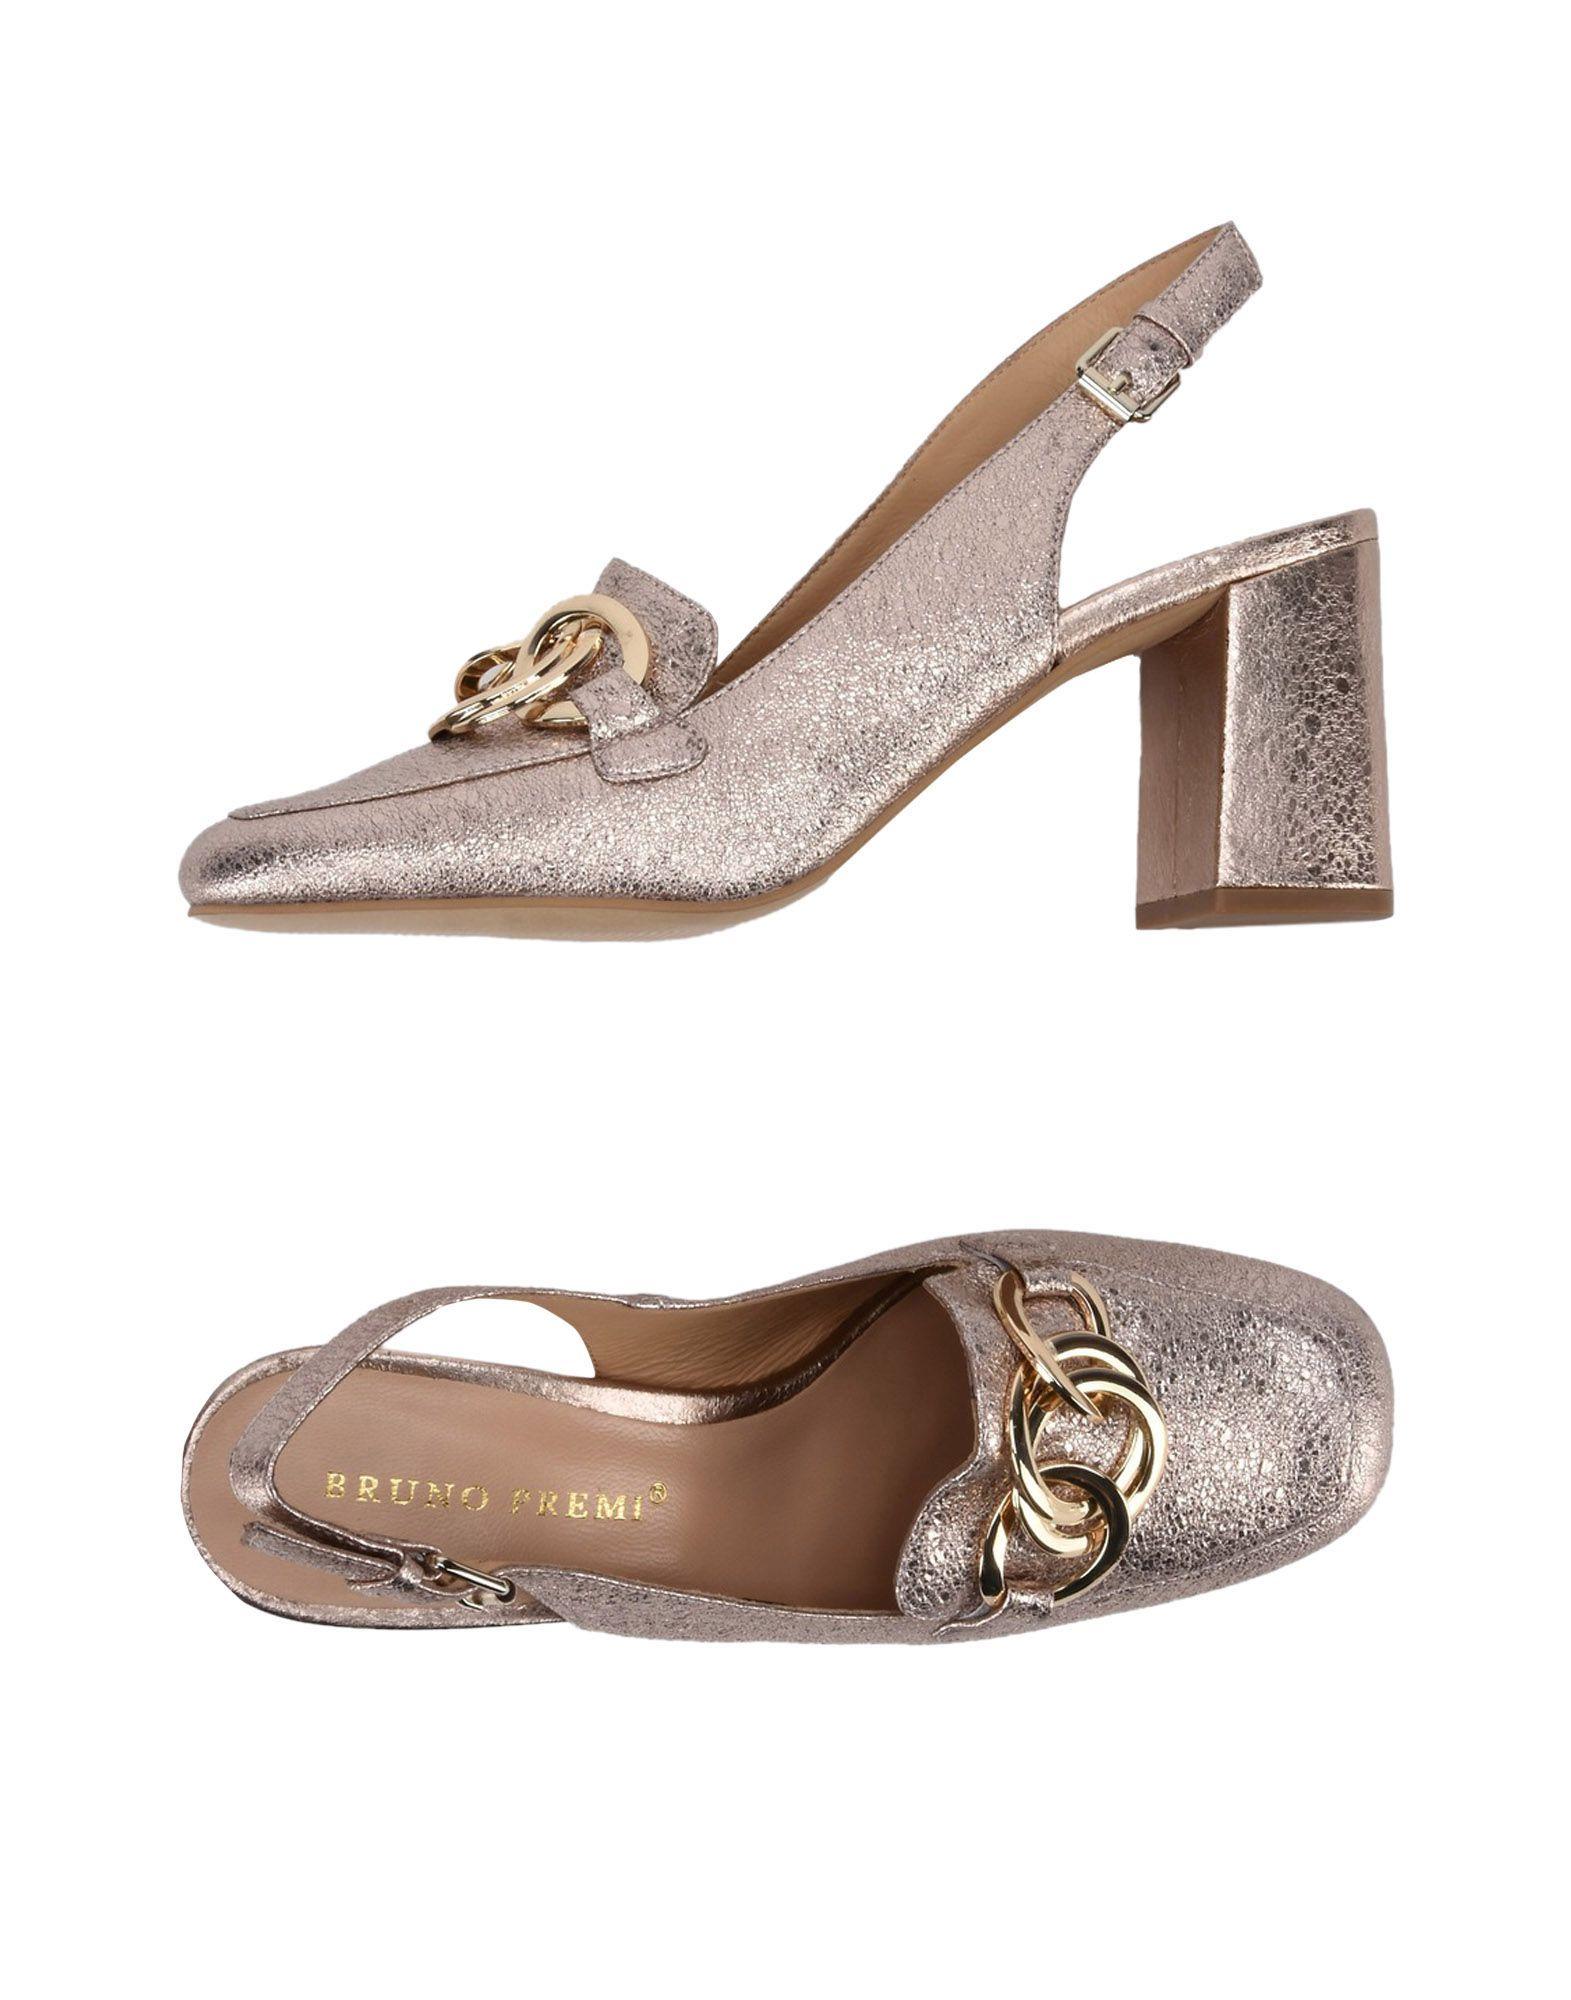 Bruno Premi Mokassins Qualität Damen  11443485SO Gute Qualität Mokassins beliebte Schuhe 119250